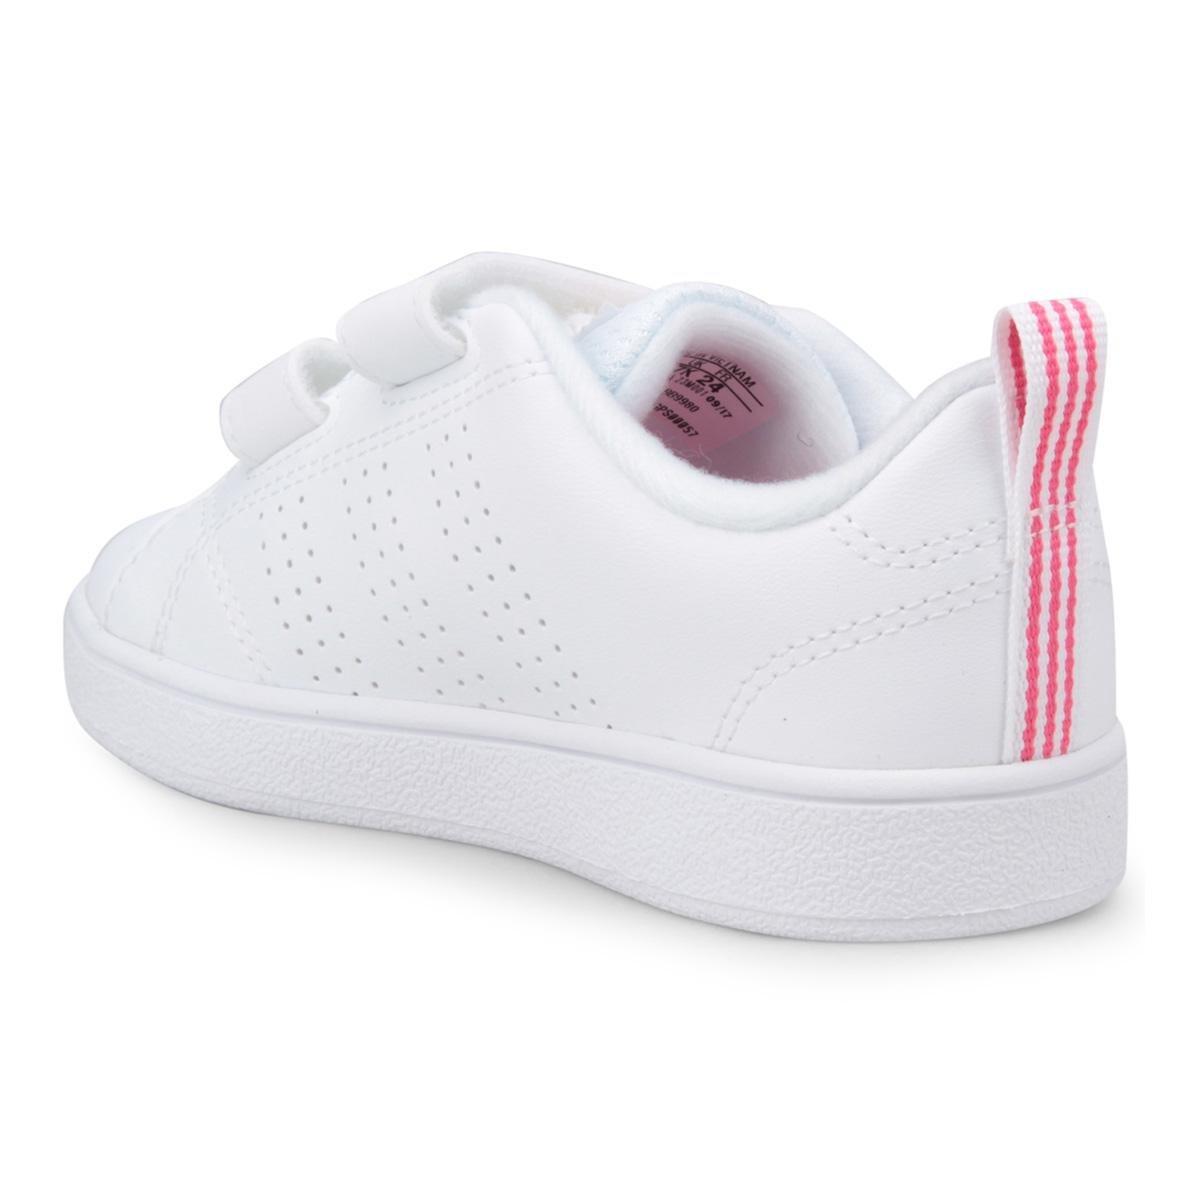 e6422b25917bc Tênis Infantil Adidas Vs Advantage Clean   Livelo -Sua Vida com Mais  Recompensas